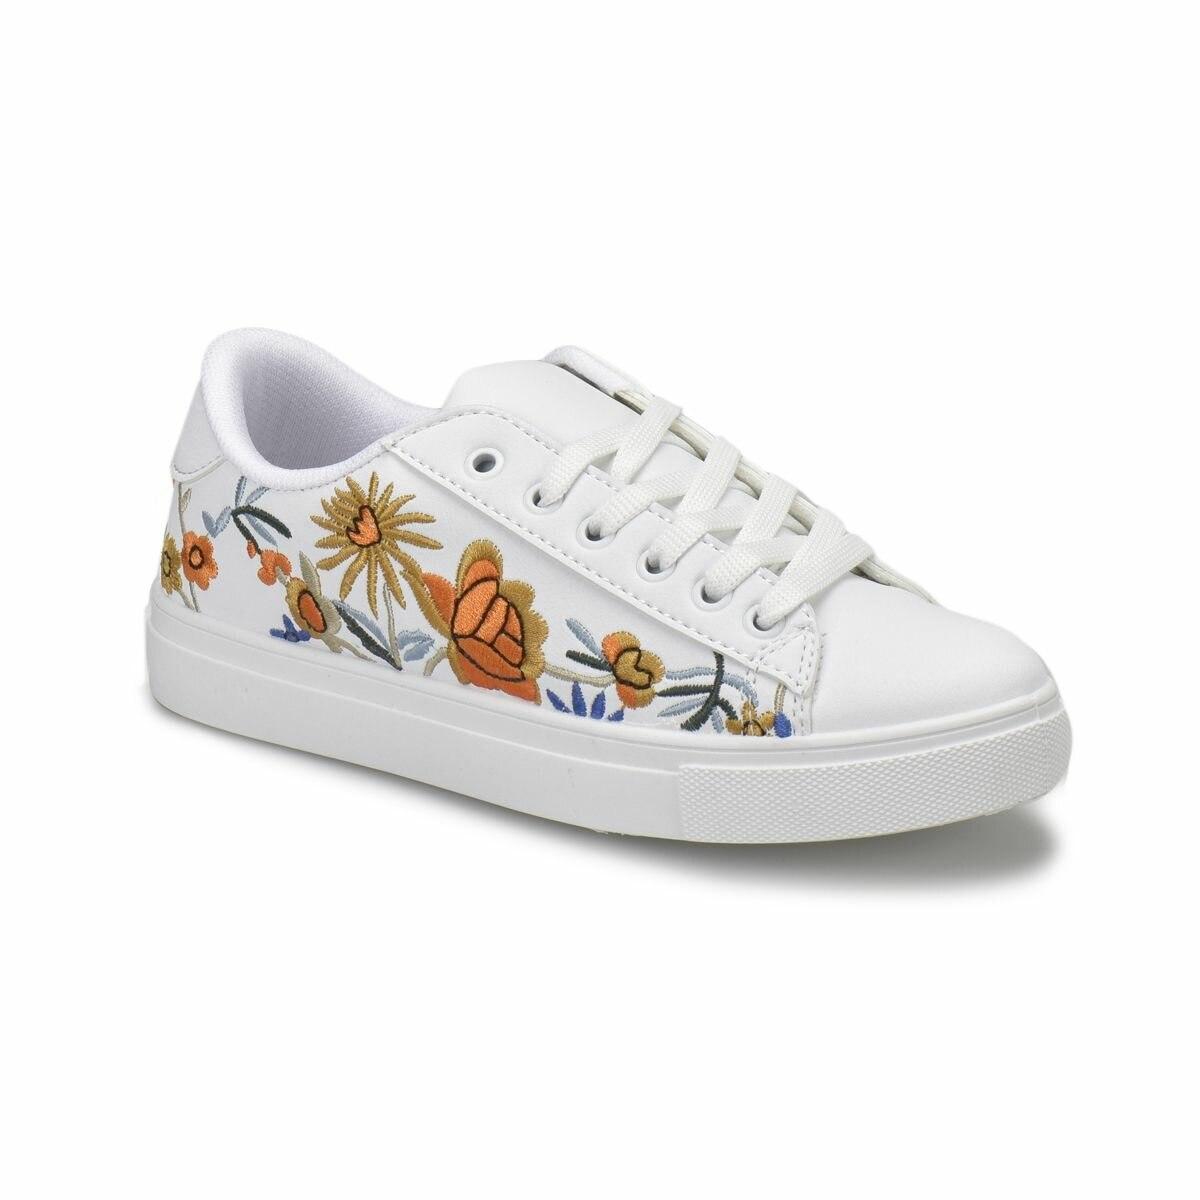 FLO U1300-18S White Women 'S Sneaker Shoes Art Bella